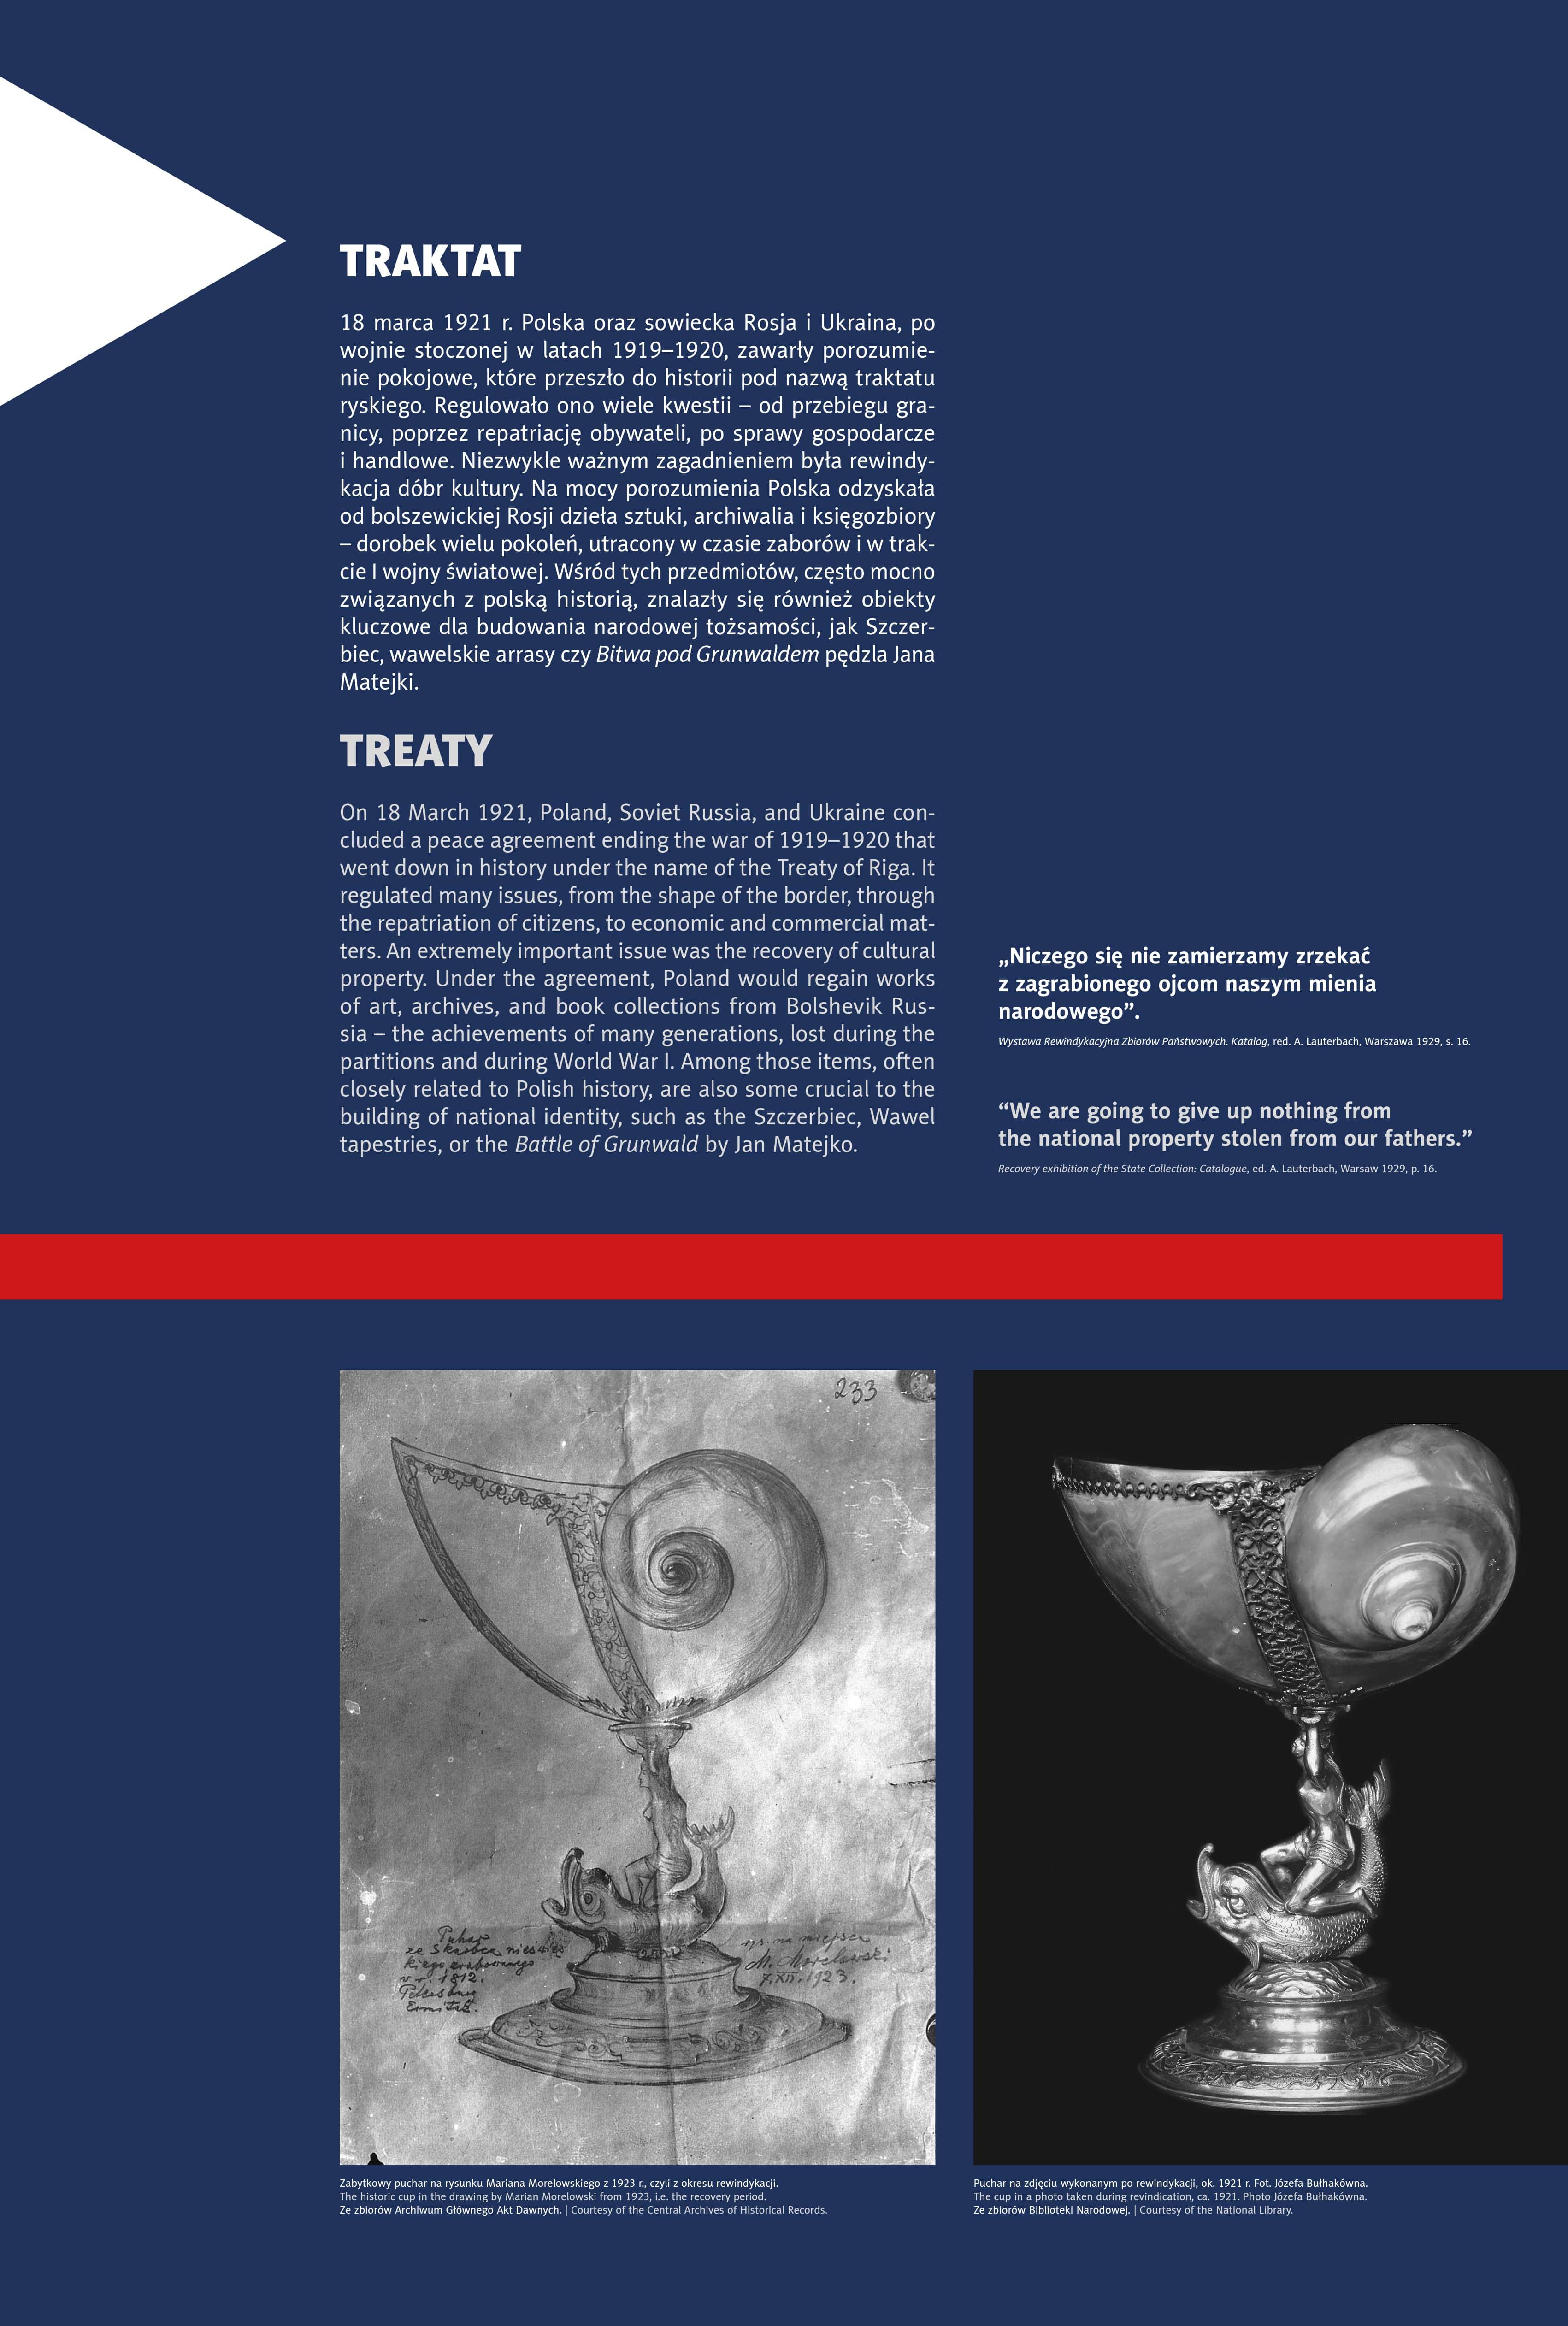 traktat-ryski-wystawa-ostateczna2-min